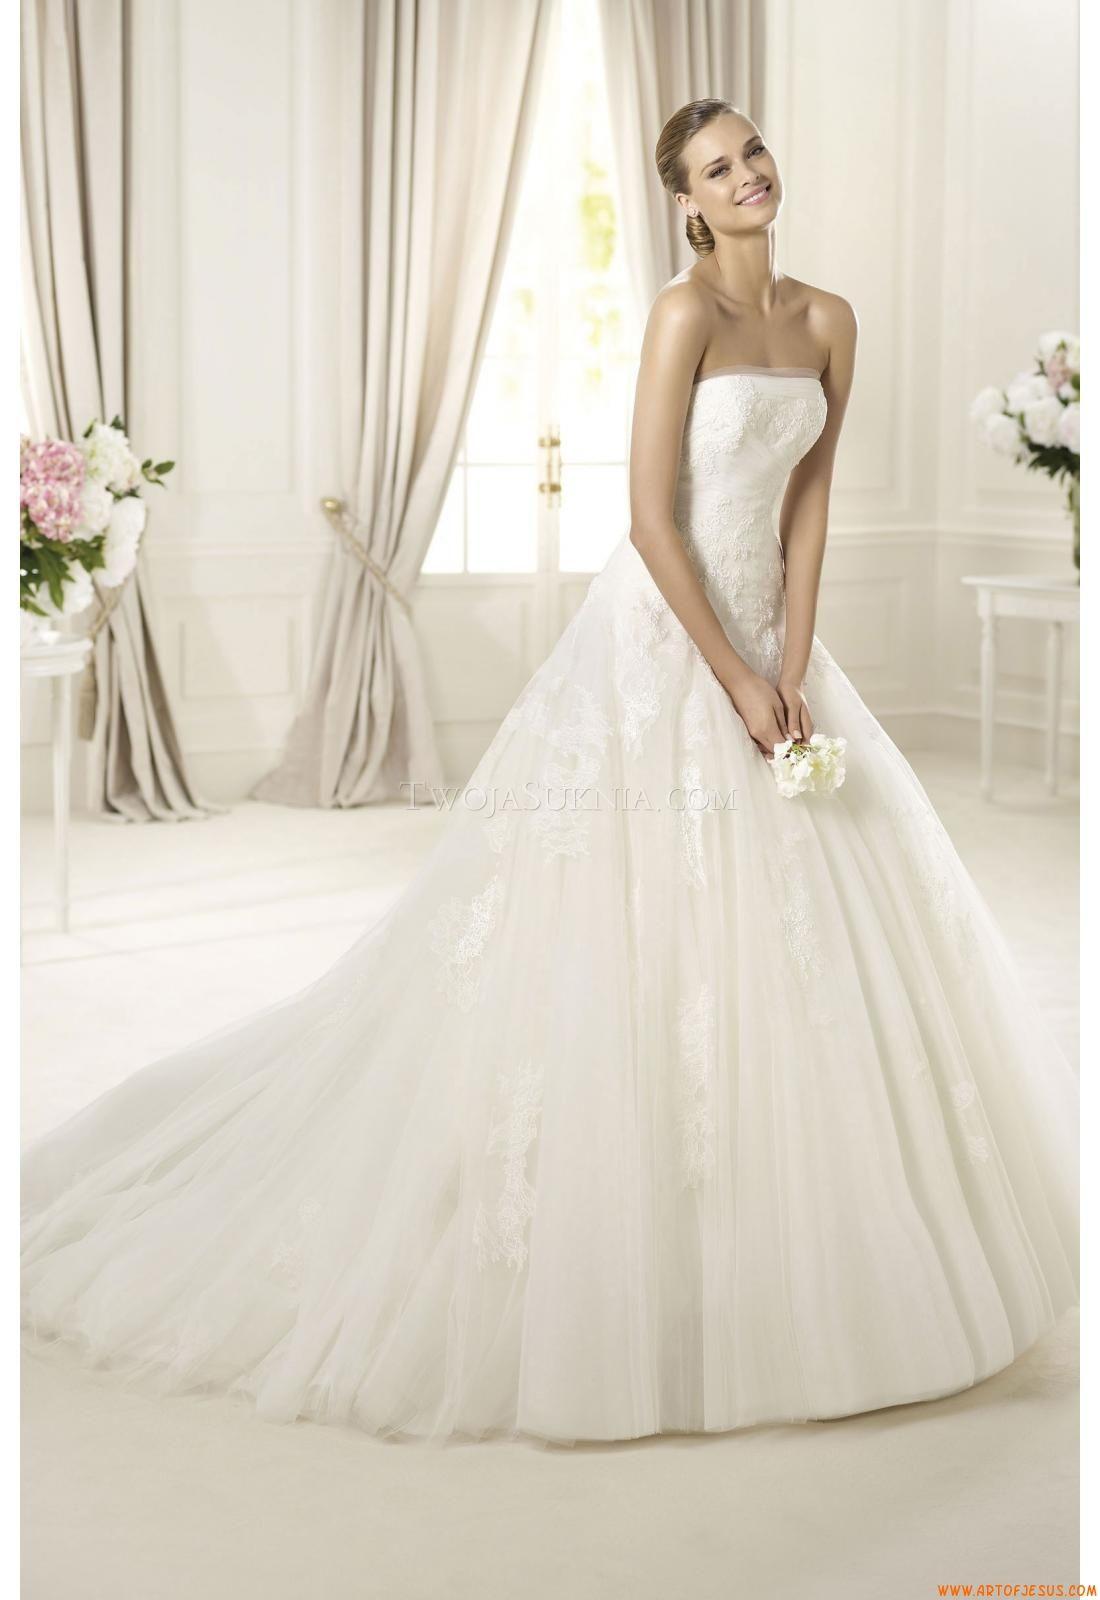 Wedding Dress Pronovias Donaire 2013   wedding dresses custom made ...